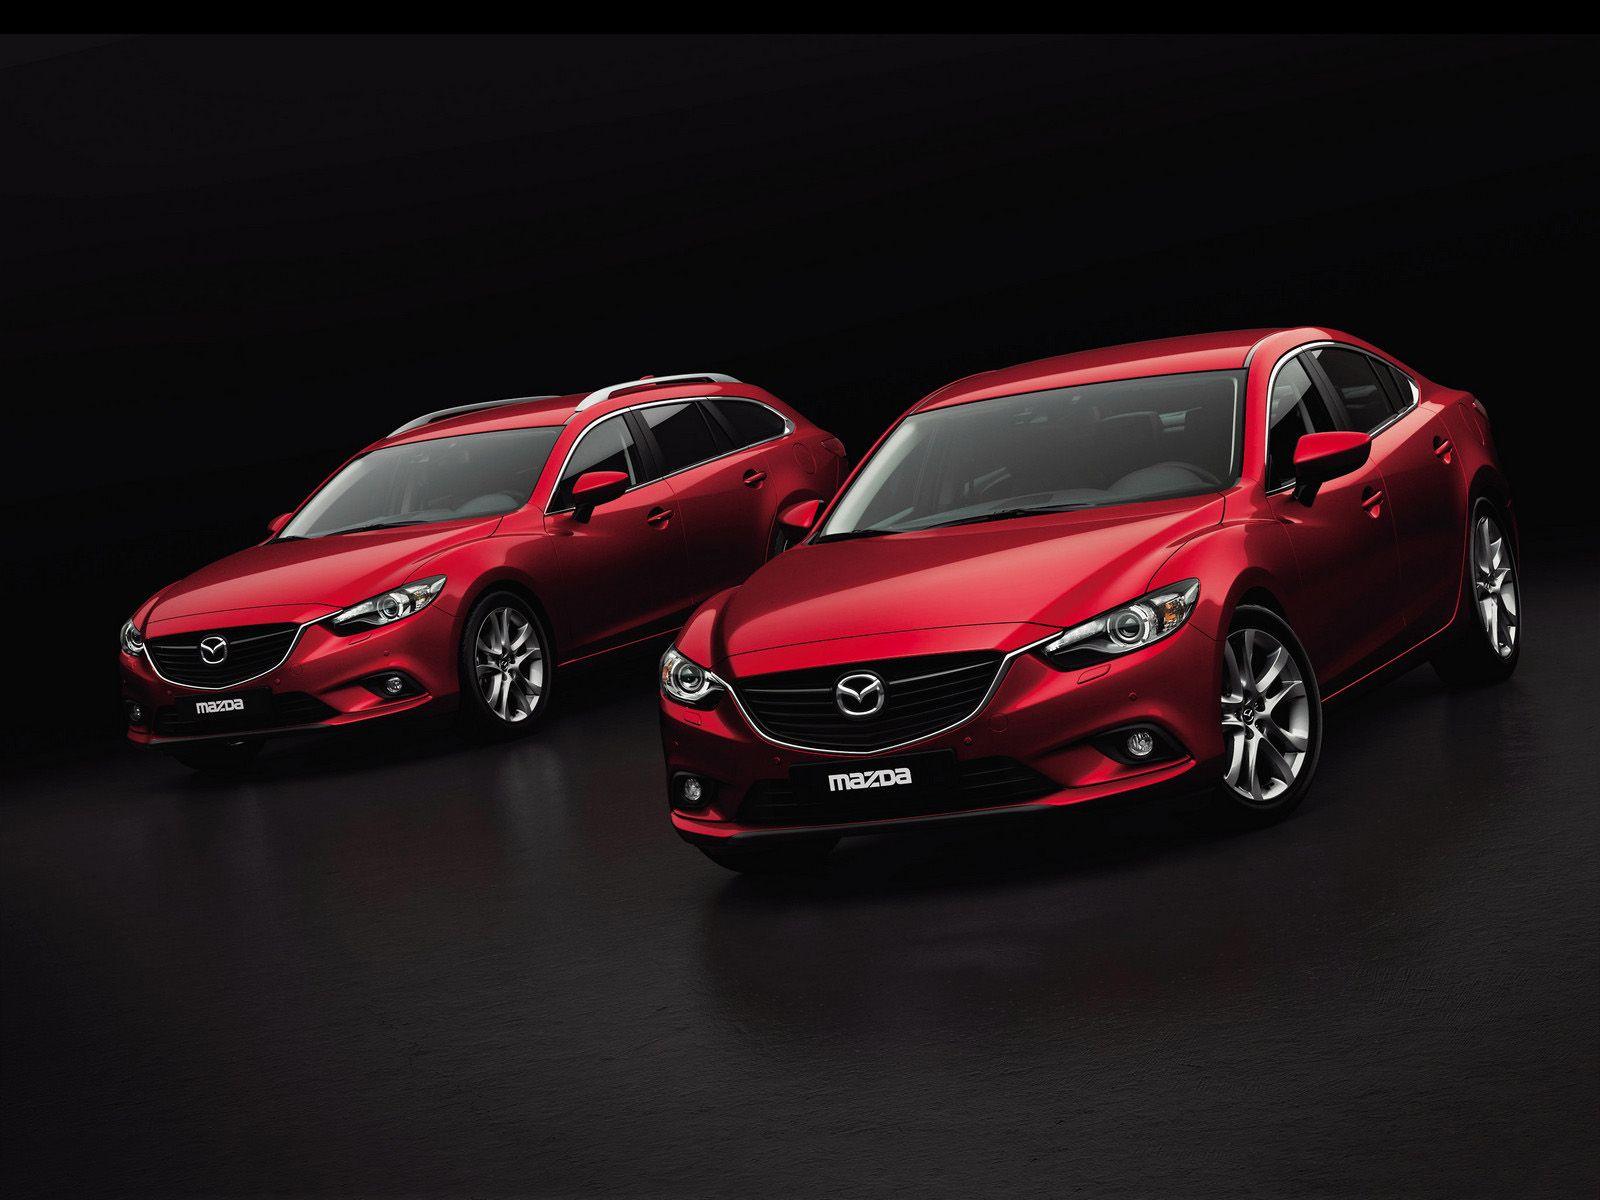 Awesome Crvena Mazda 6 2013 Wallpaper HD Pozadine | Car's ...